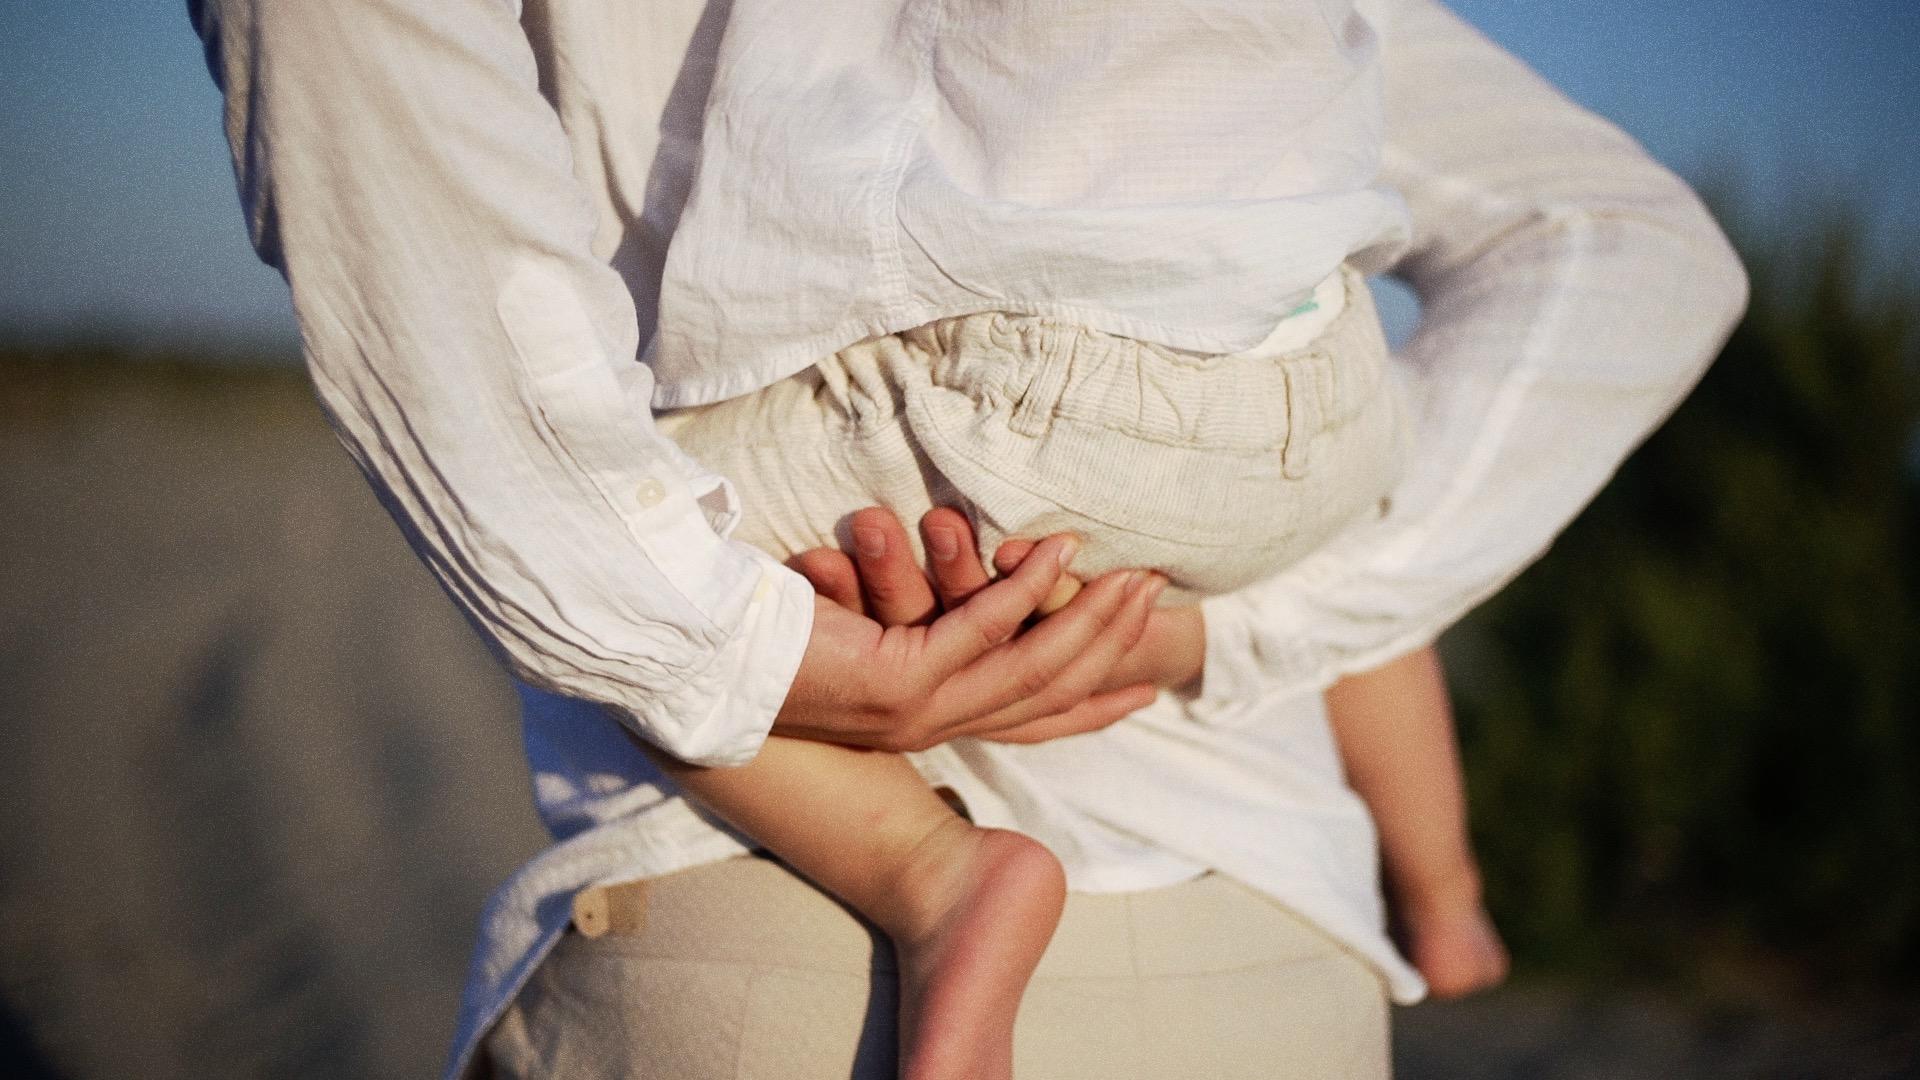 Mani sorreggono corpo del bambino sulla schiena